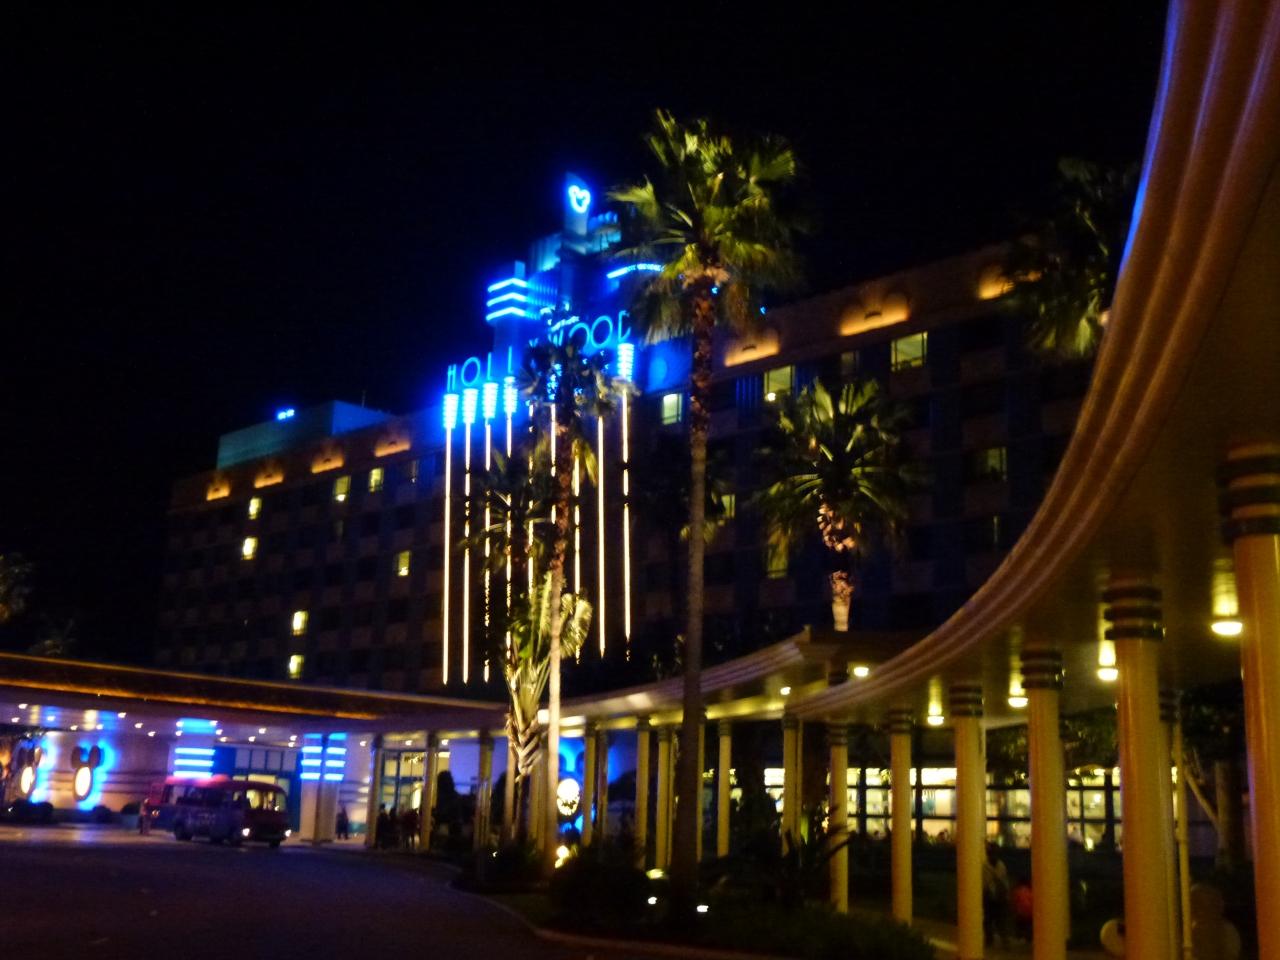 香港ディズニーランド・リゾートのホテル2泊3日の旅 』香港(香港)の旅行